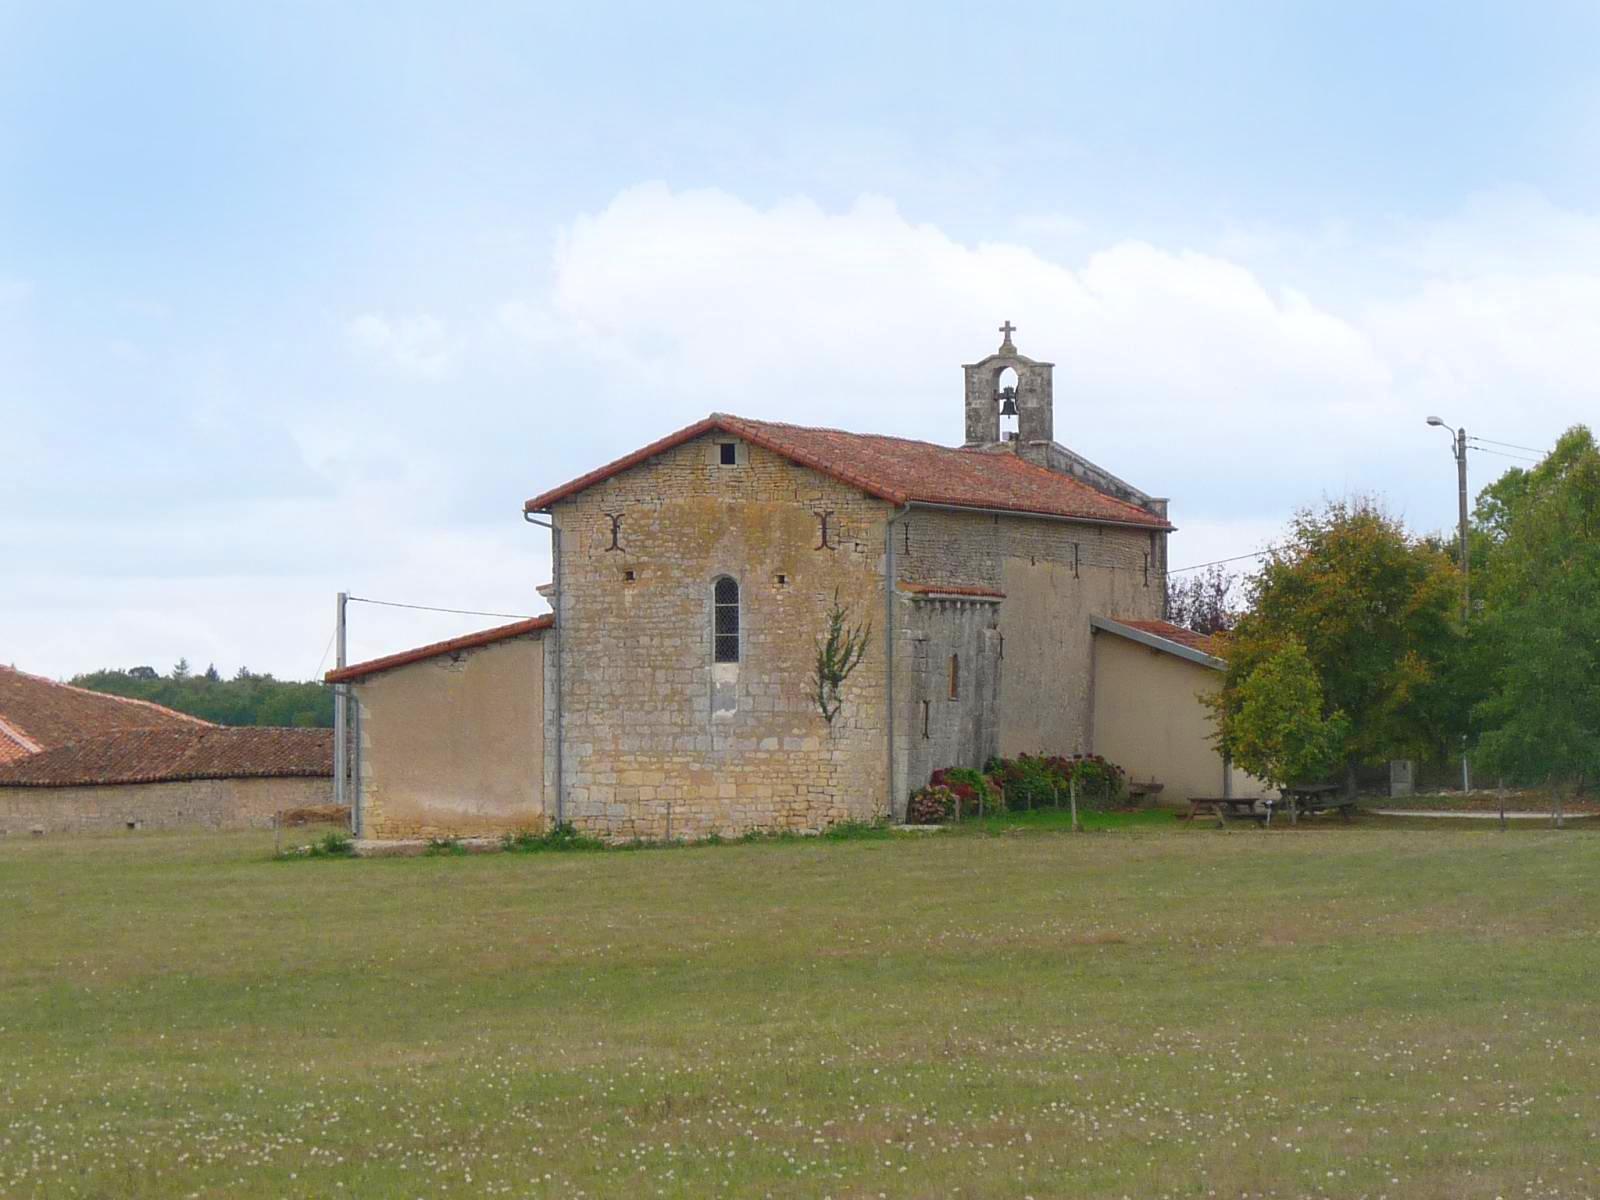 Saint-Coutant, Charente